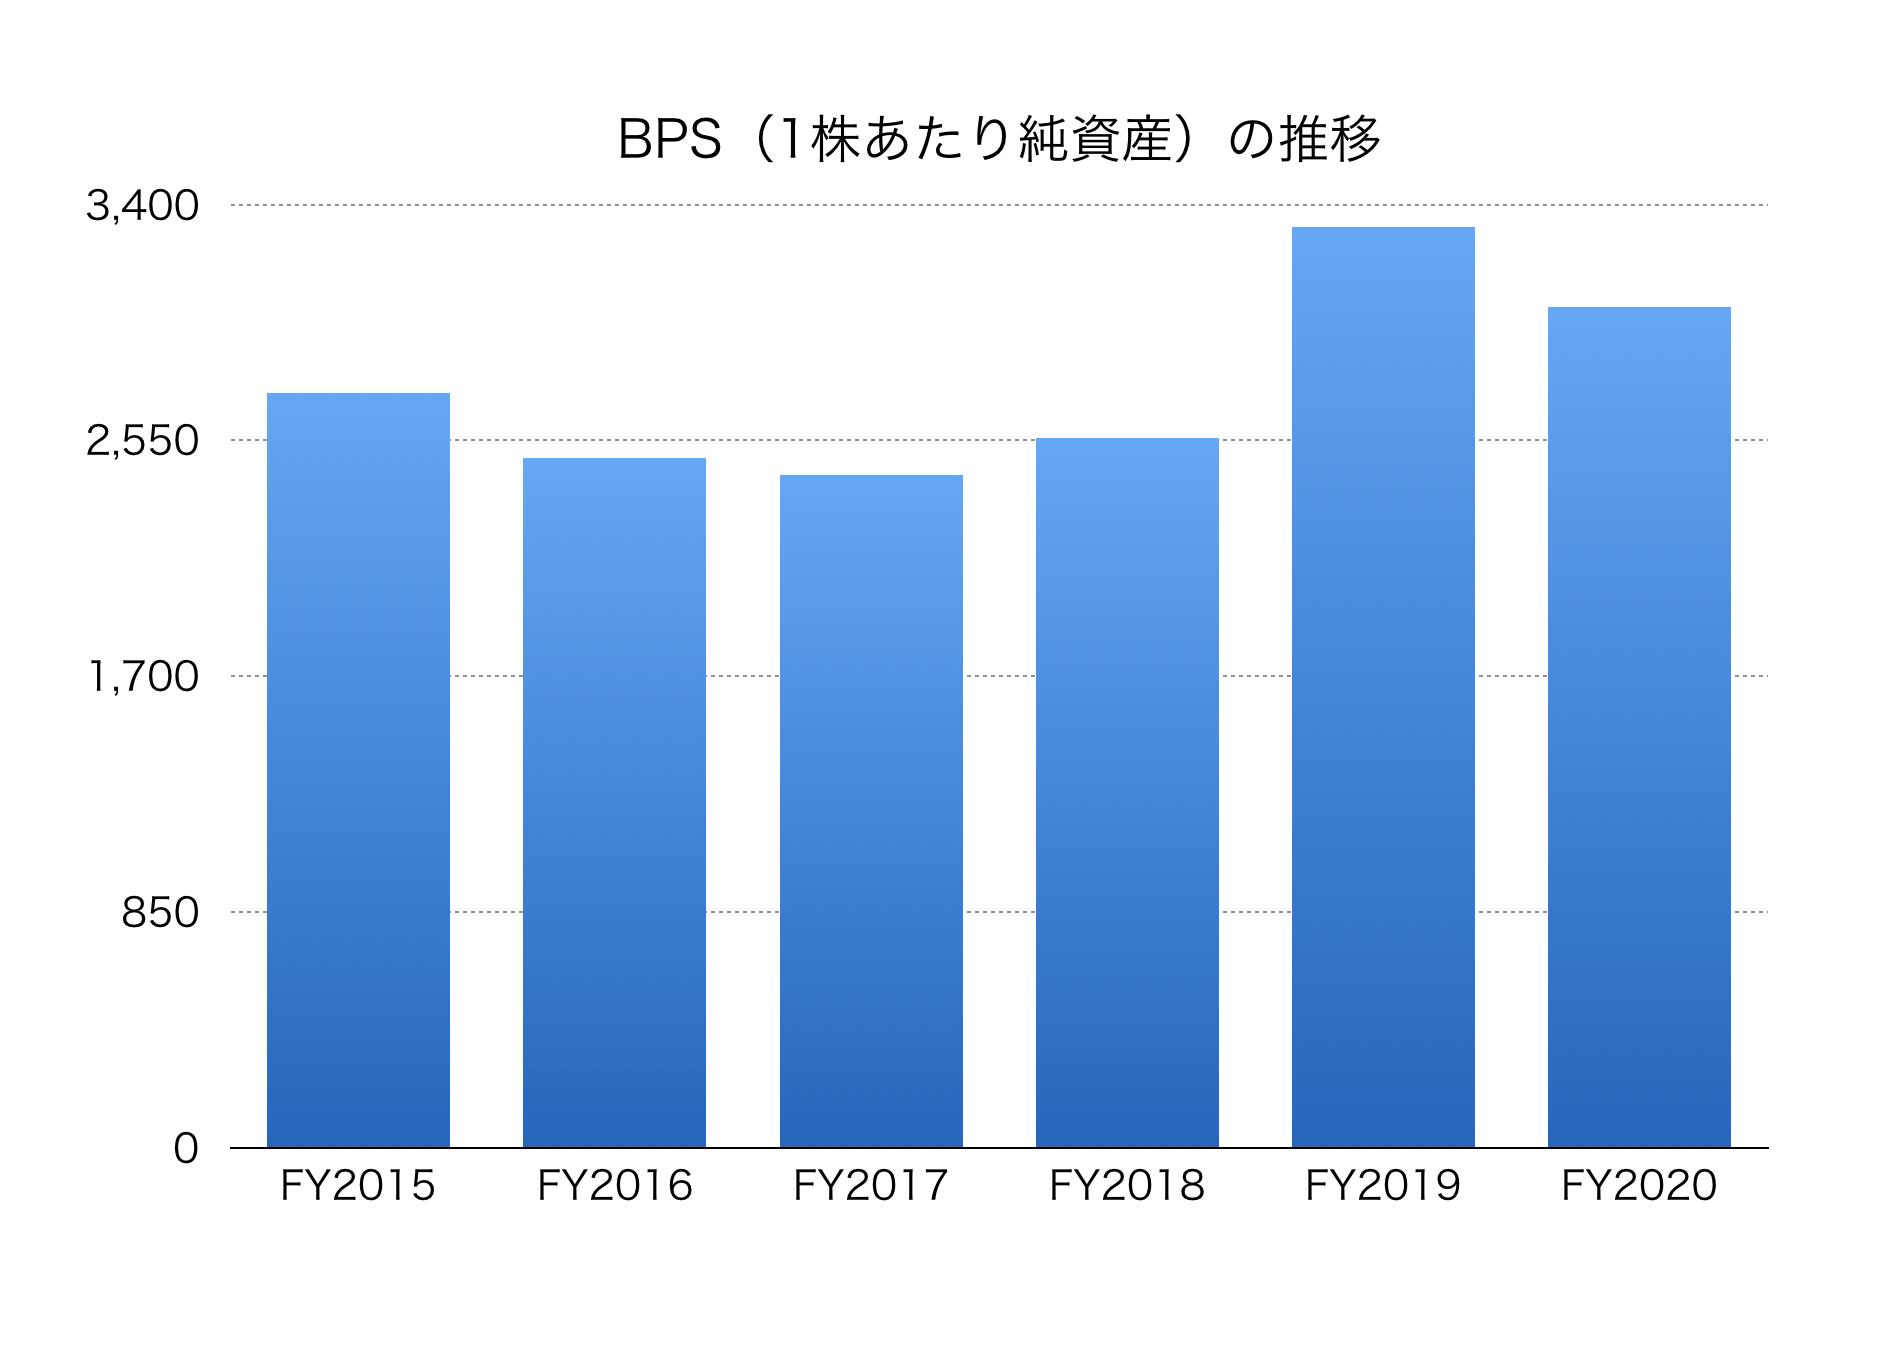 会社 武田 薬品 株価 株式 工業